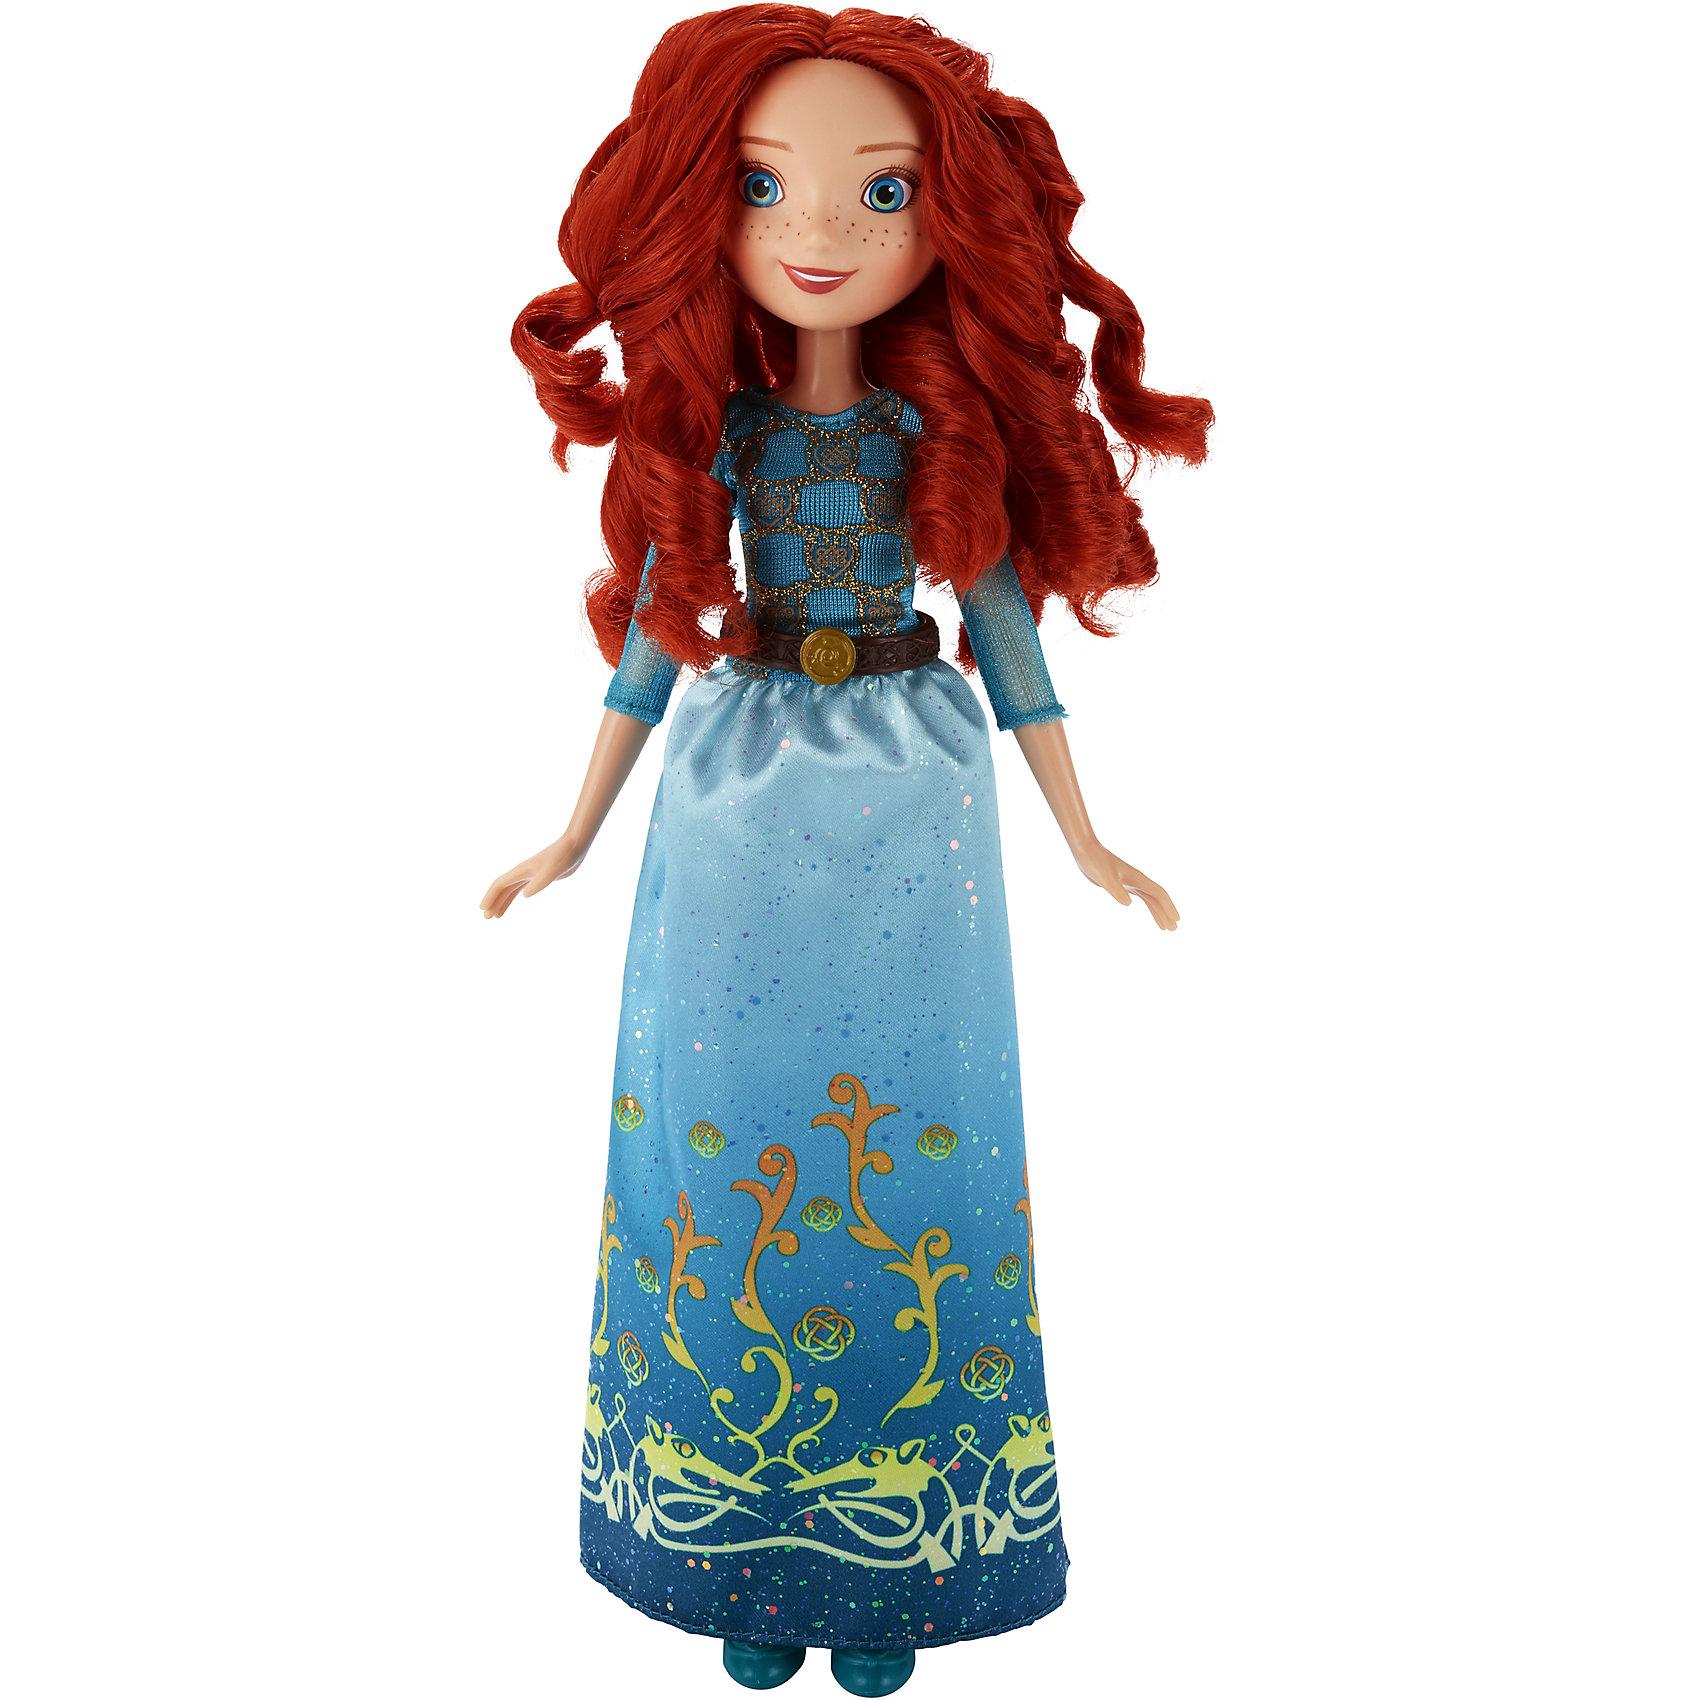 Hasbro Кукла Принцесса Мерида, Принцессы Дисней, B6447/B5825 hasbro мини кукла принцессы дисней